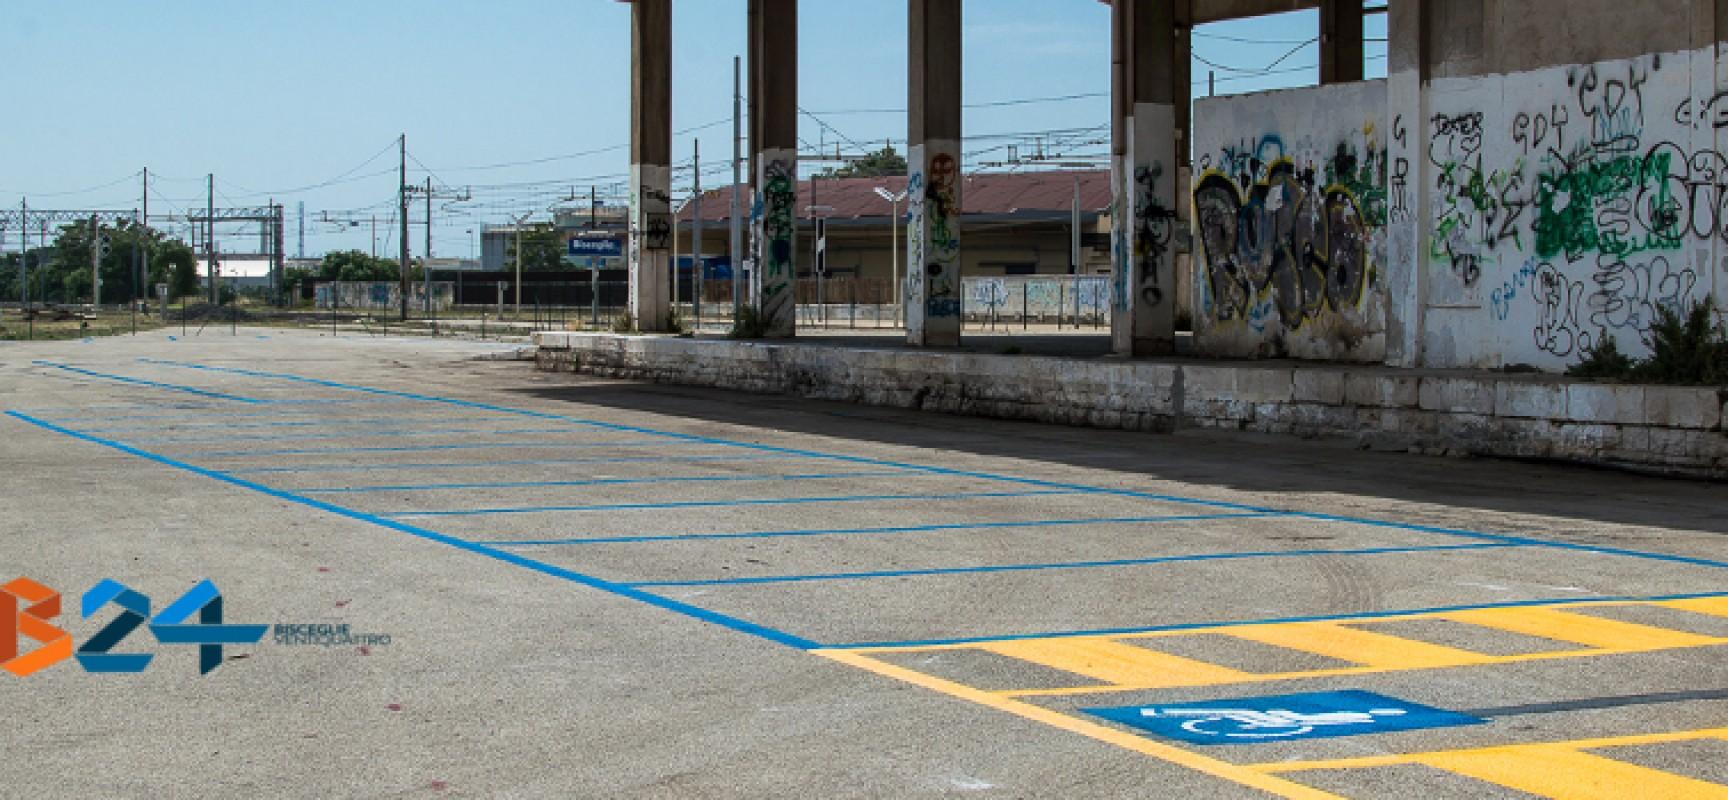 Apre il parcheggio all'ex scalo merci, tariffe agevolate per gli studenti pendolari